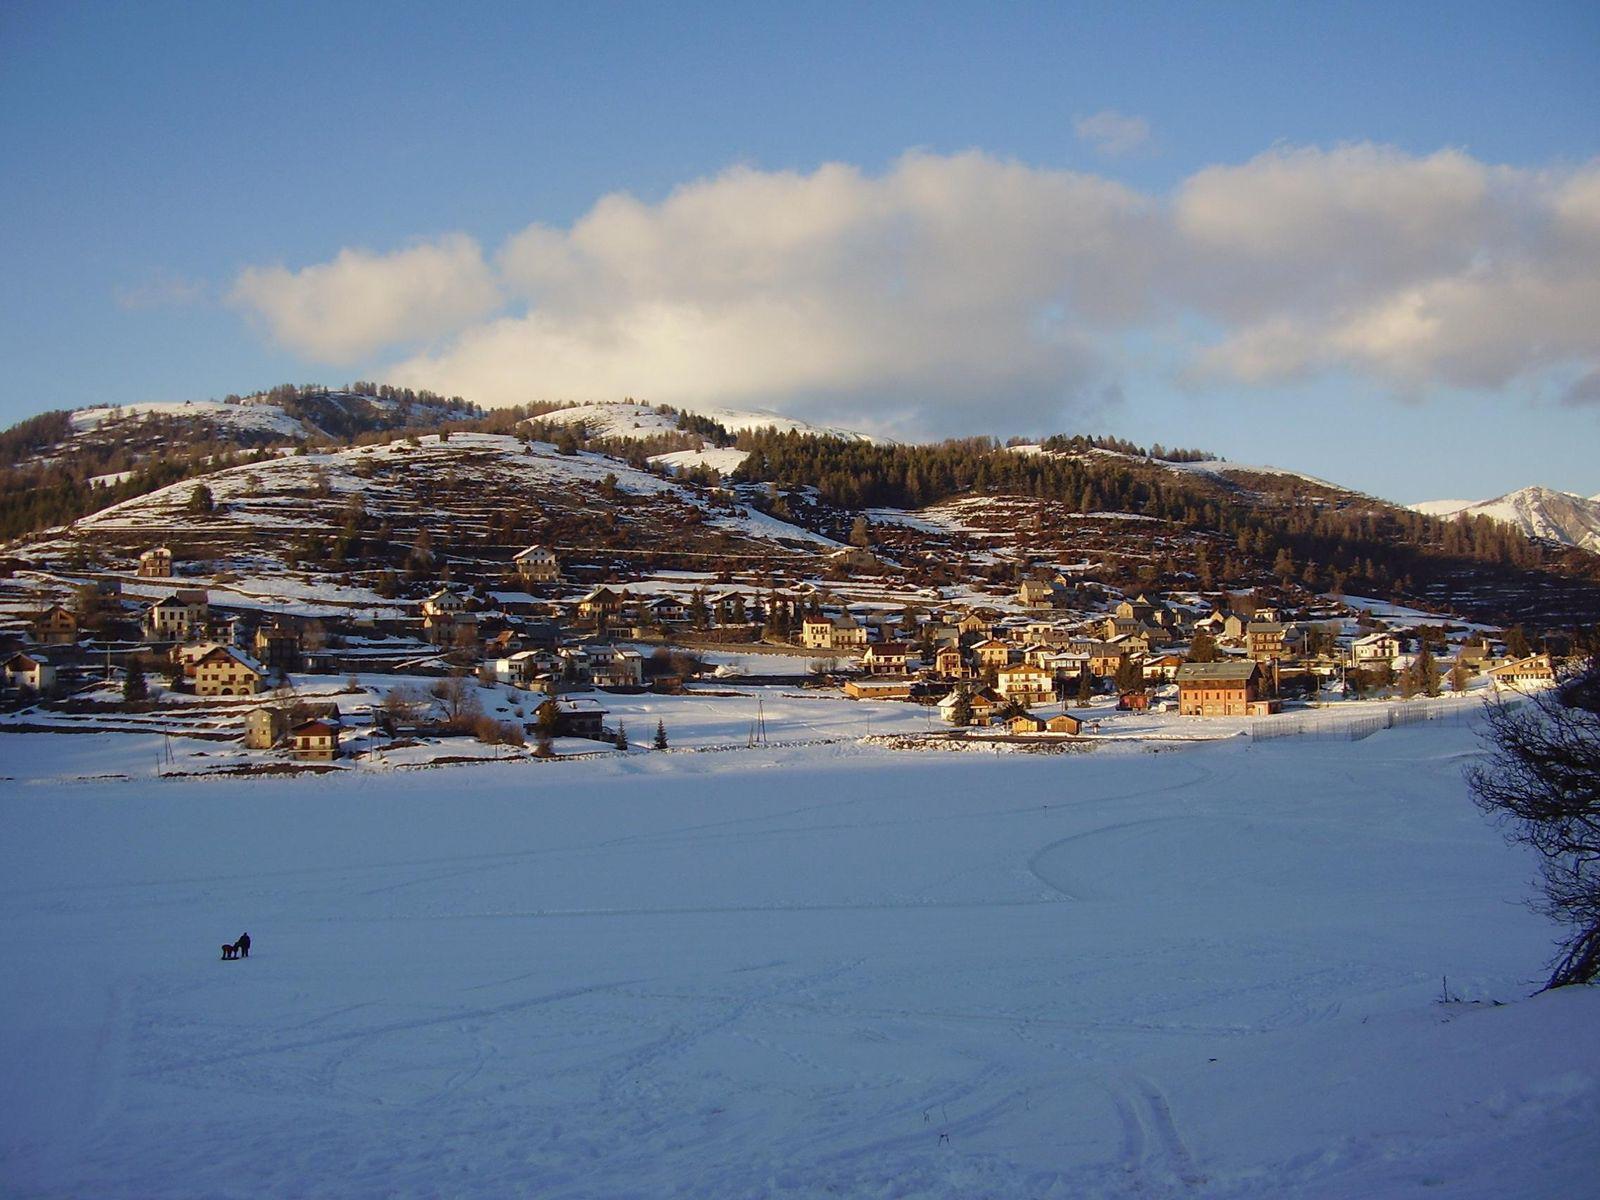 Station de ski de Beuil les Launes_Beuil